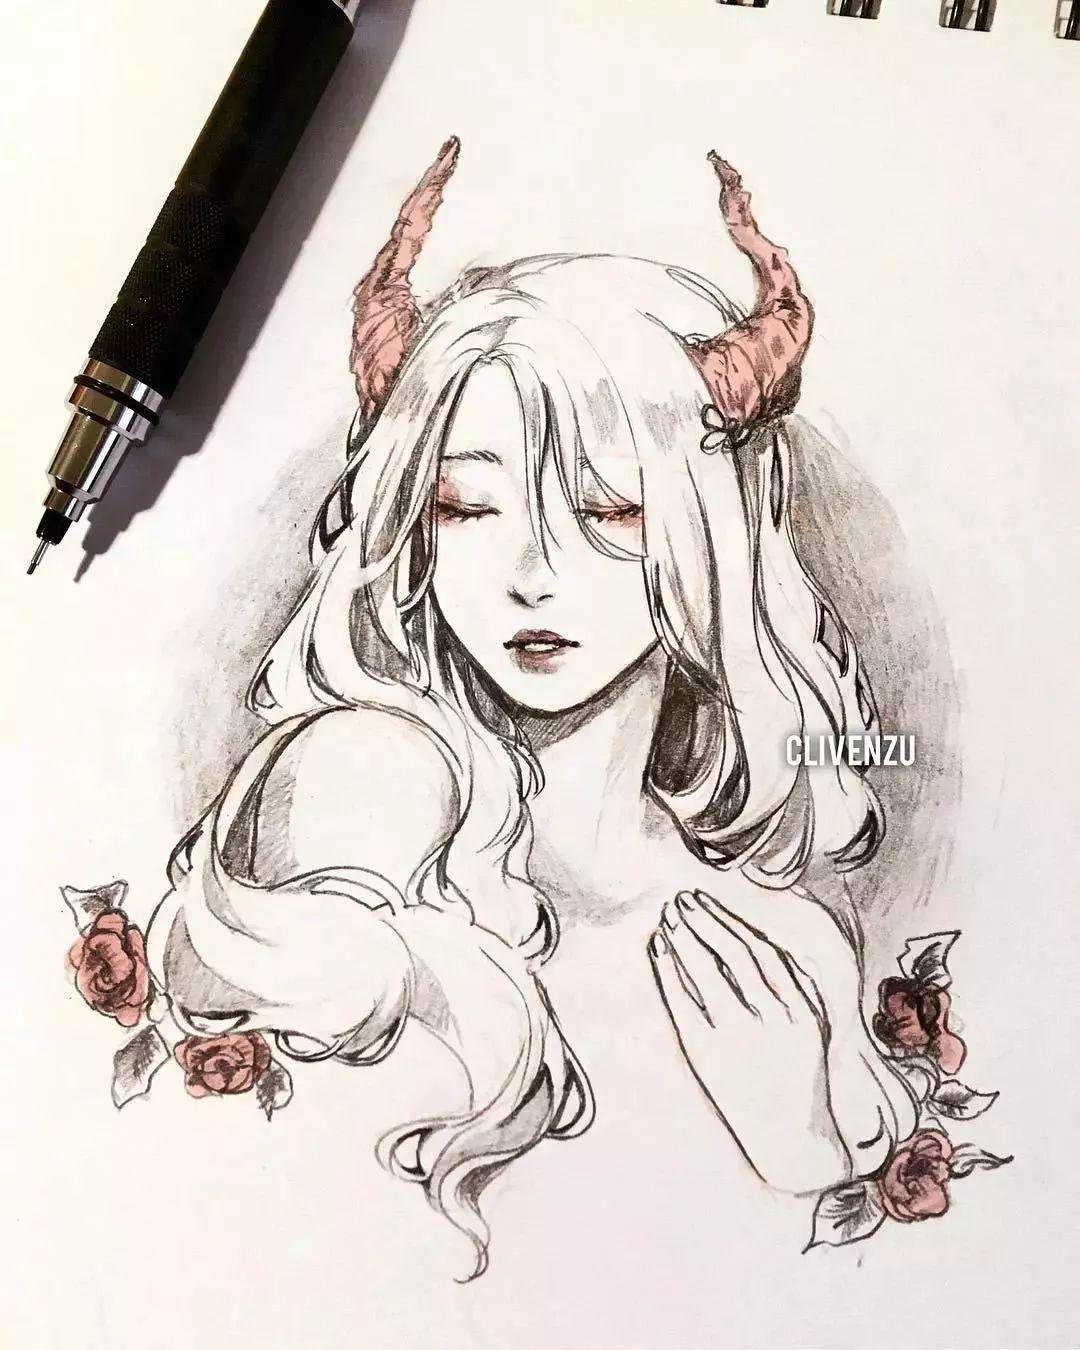 铅笔画的动漫素描少女,元气满满,每个人物都很有气质!